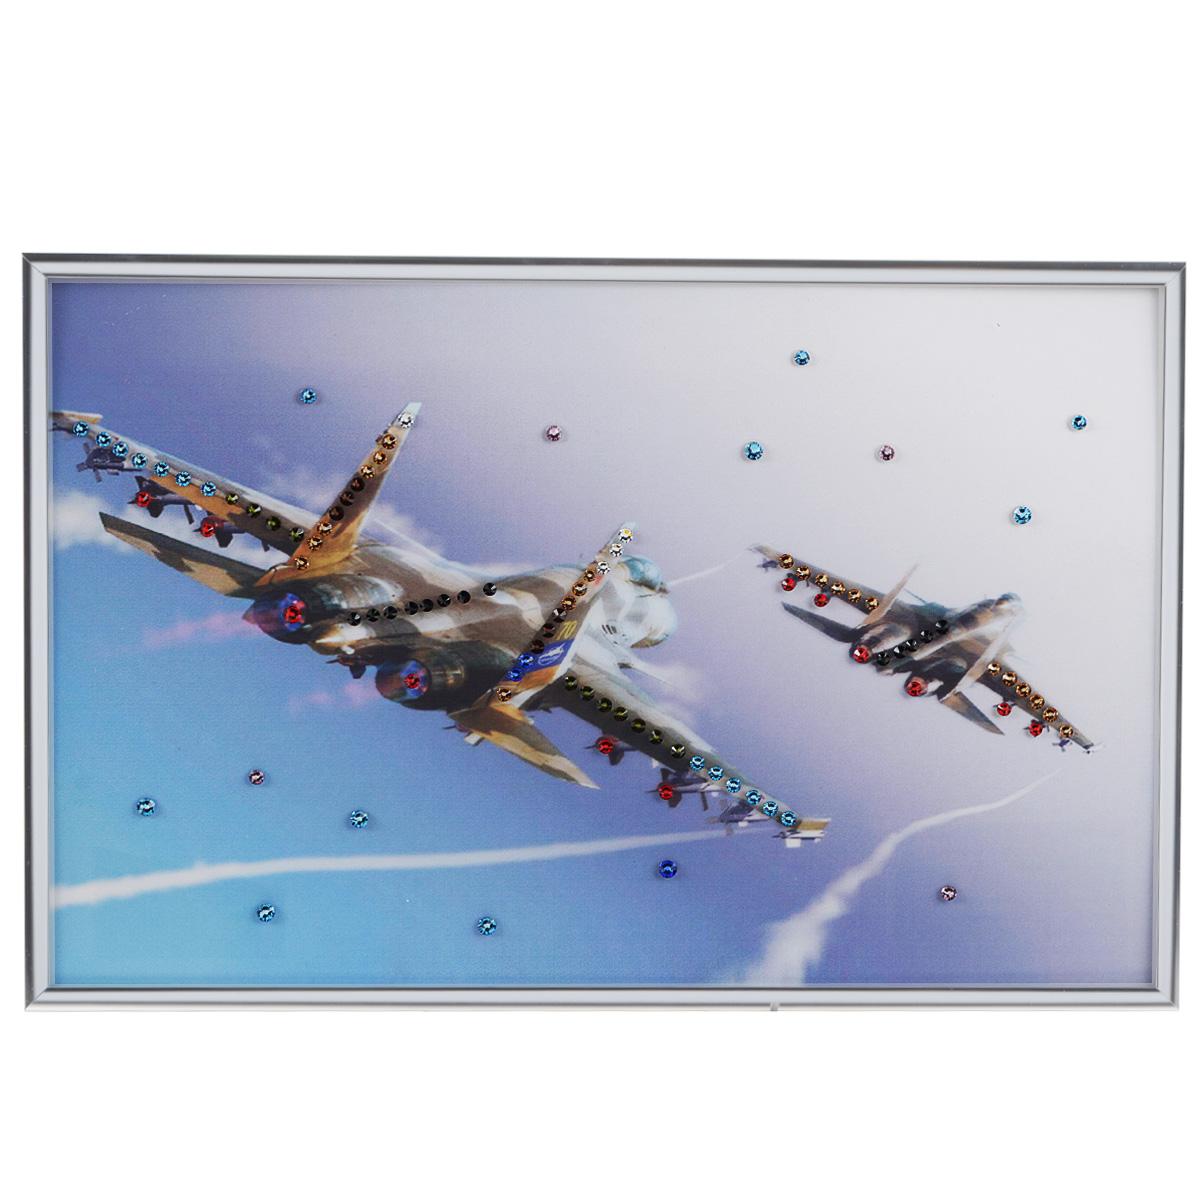 Картина с кристаллами Swarovski Полет, 30 см х 20 смPM-3302Изящная картина в металлической раме, инкрустирована кристаллами Swarovski, которые отличаются четкой и ровной огранкой, ярким блеском и чистотой цвета. Красочное изображение двух самолетов, расположенное под стеклом, прекрасно дополняет блеск кристаллов. С обратной стороны имеется металлическая петелька для размещения картины на стене.Картина с кристаллами Swarovski Полет элегантно украсит интерьер дома или офиса, а также станет прекрасным подарком, который обязательно понравится получателю. Блеск кристаллов в интерьере, что может быть сказочнее и удивительнее. Картина упакована в подарочную картонную коробку синего цвета и комплектуется сертификатом соответствия Swarovski.